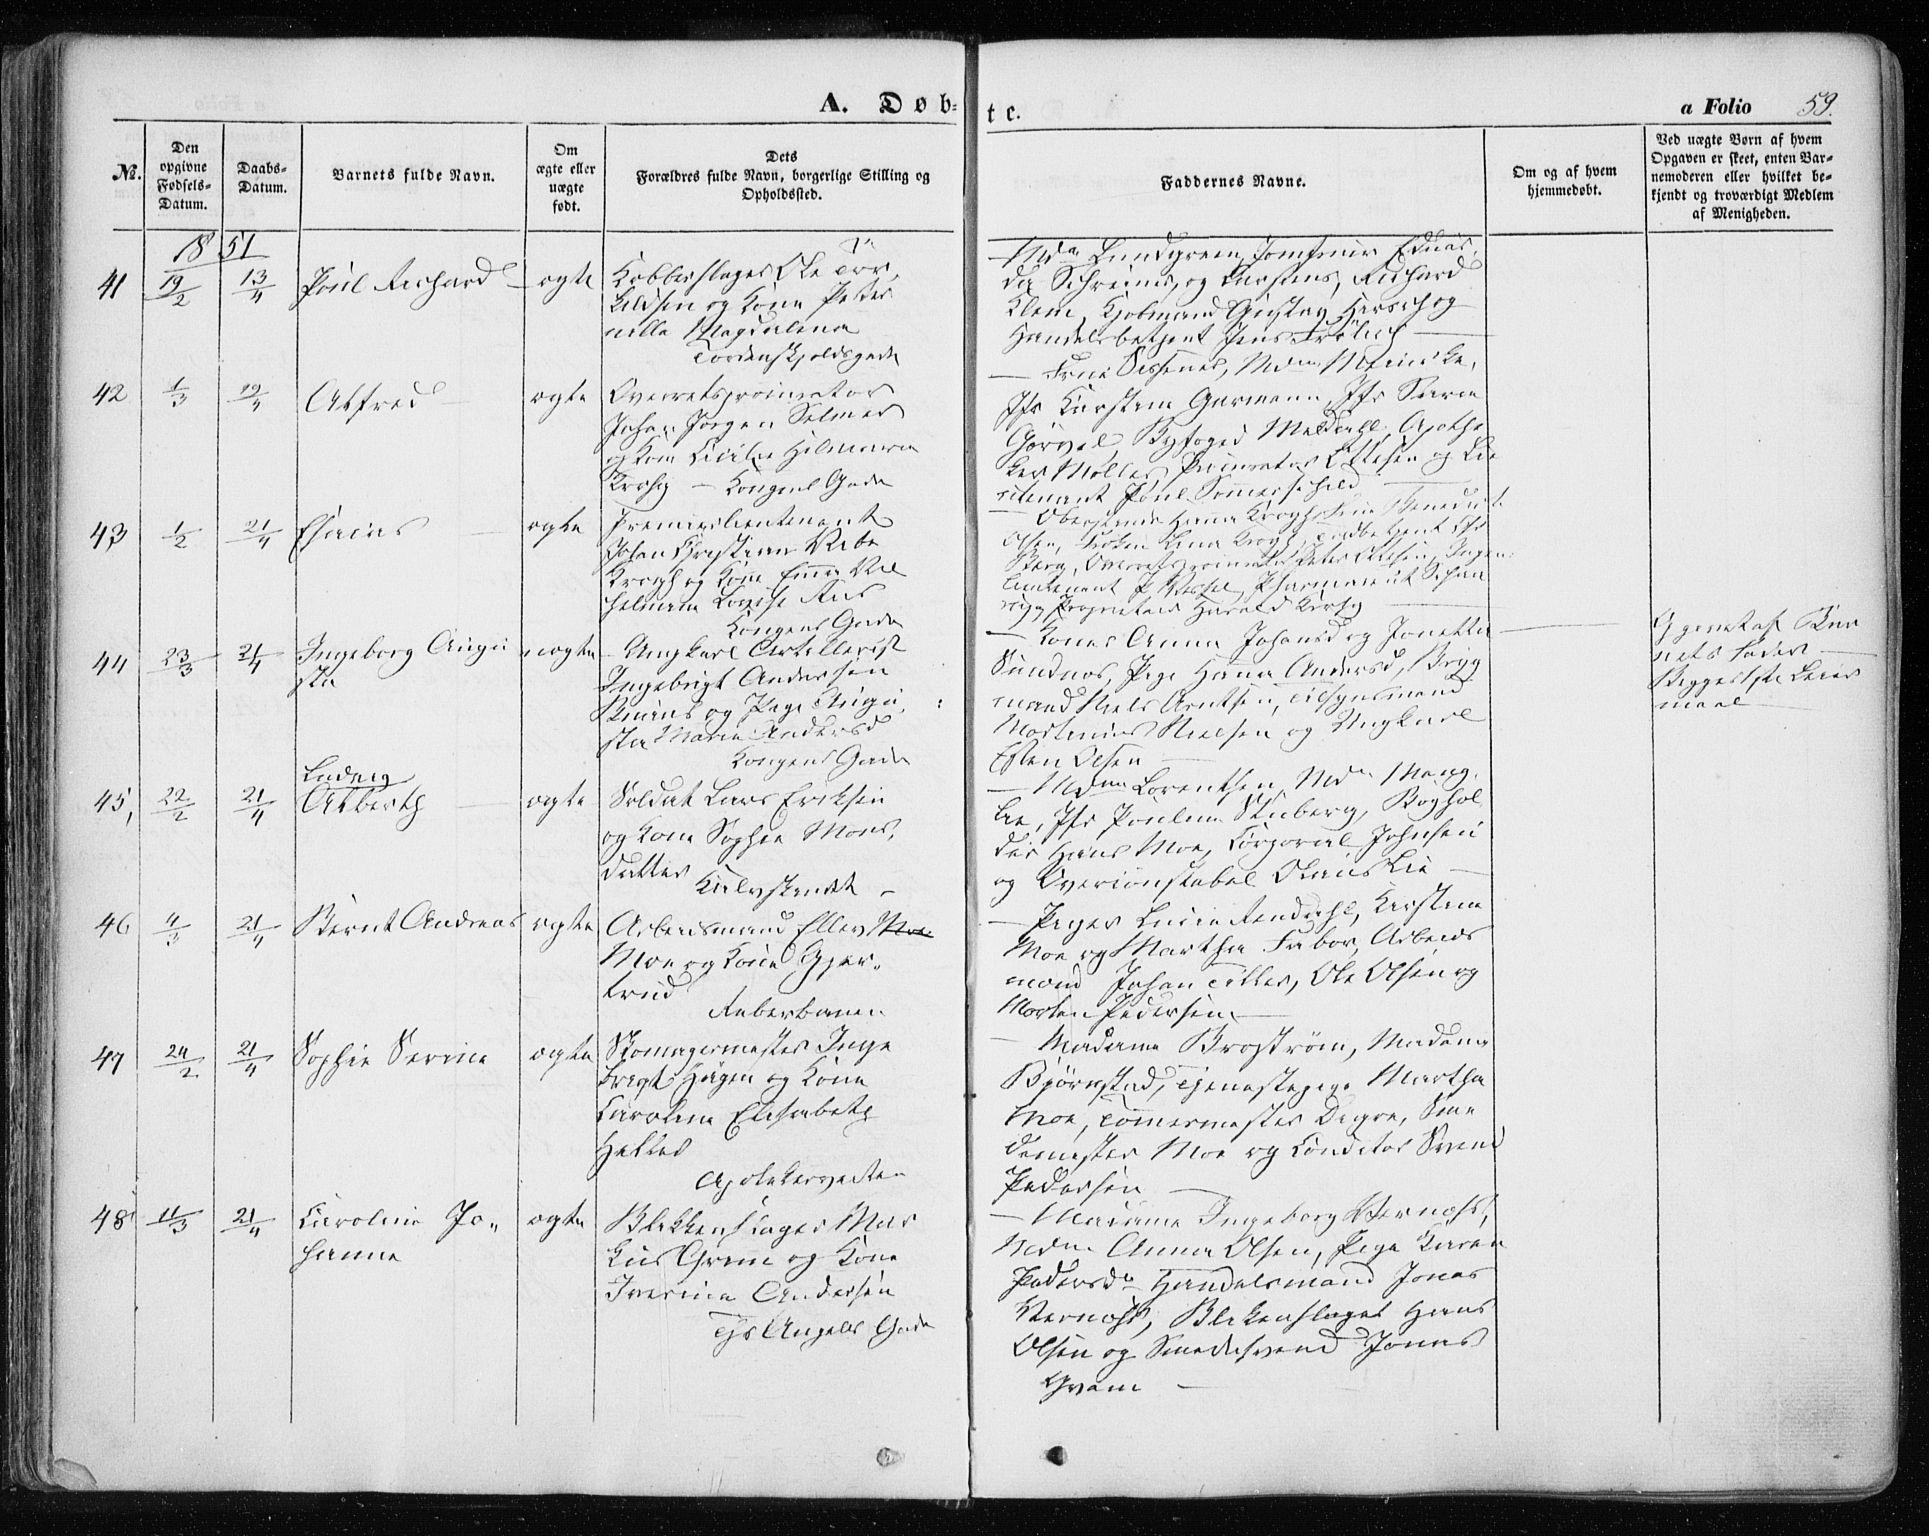 SAT, Ministerialprotokoller, klokkerbøker og fødselsregistre - Sør-Trøndelag, 601/L0051: Ministerialbok nr. 601A19, 1848-1857, s. 59